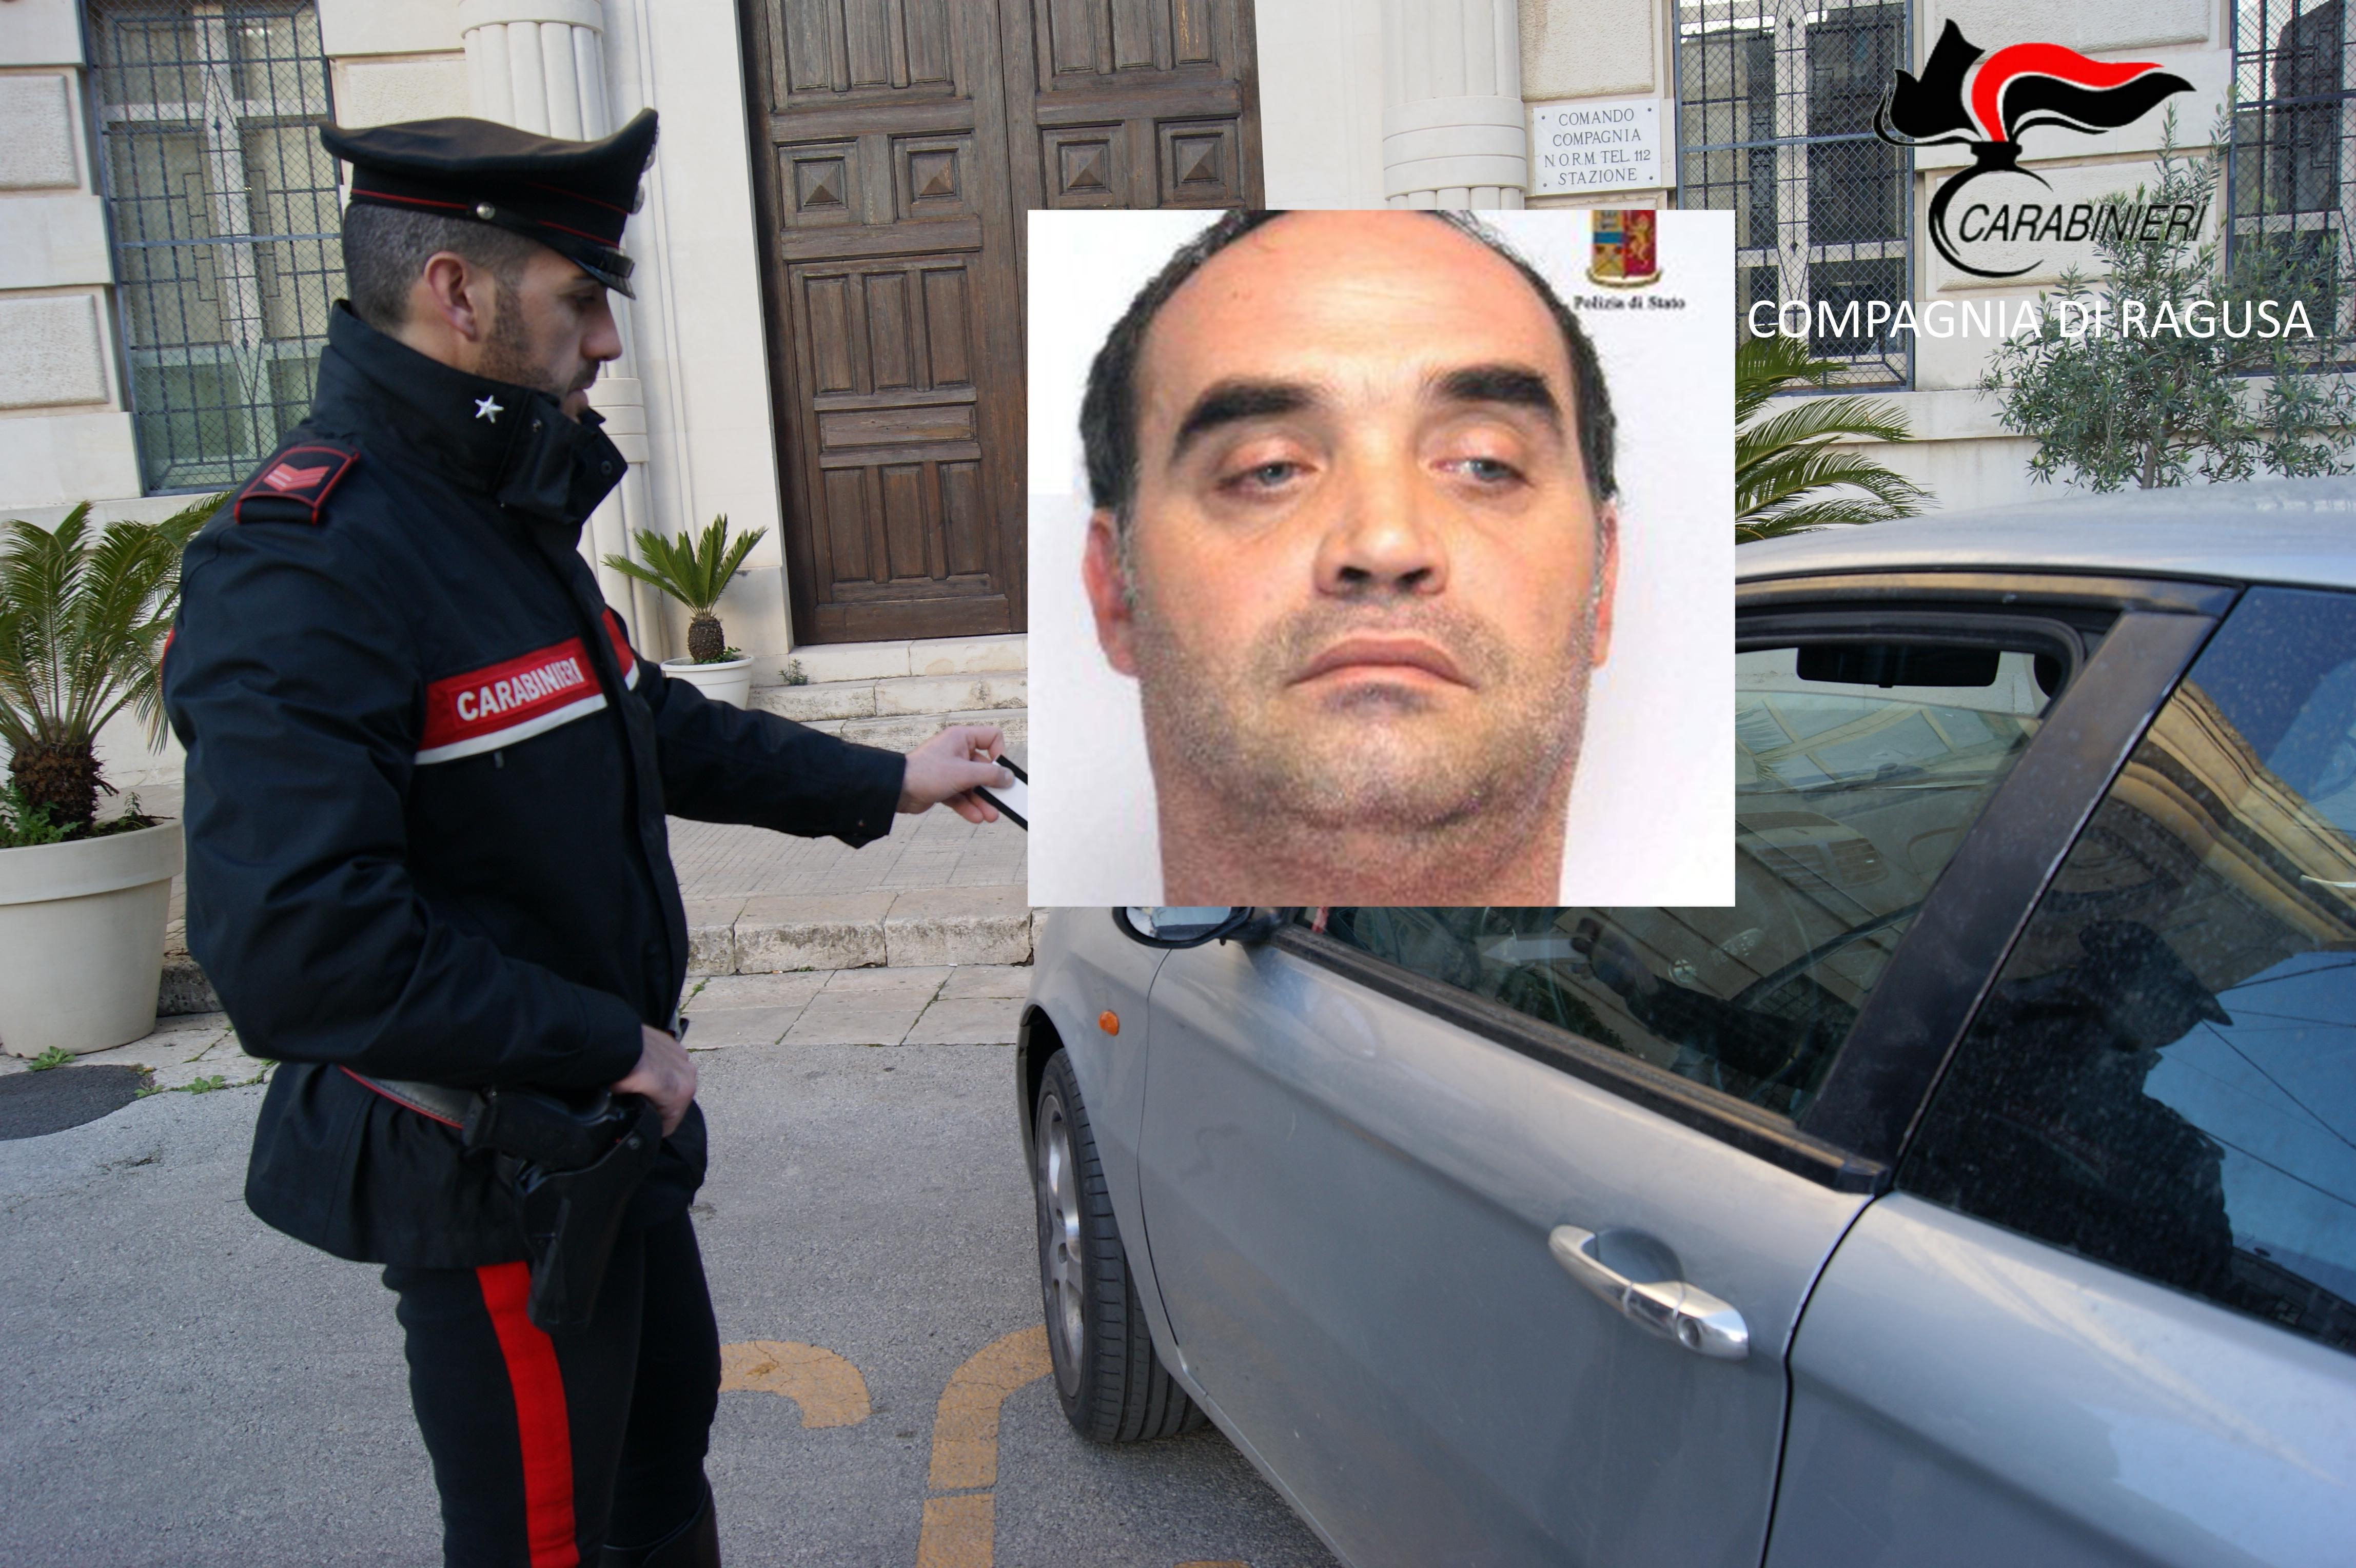 Uccise la madre a pugni, arrestato a Ragusa Carmelo Chessari